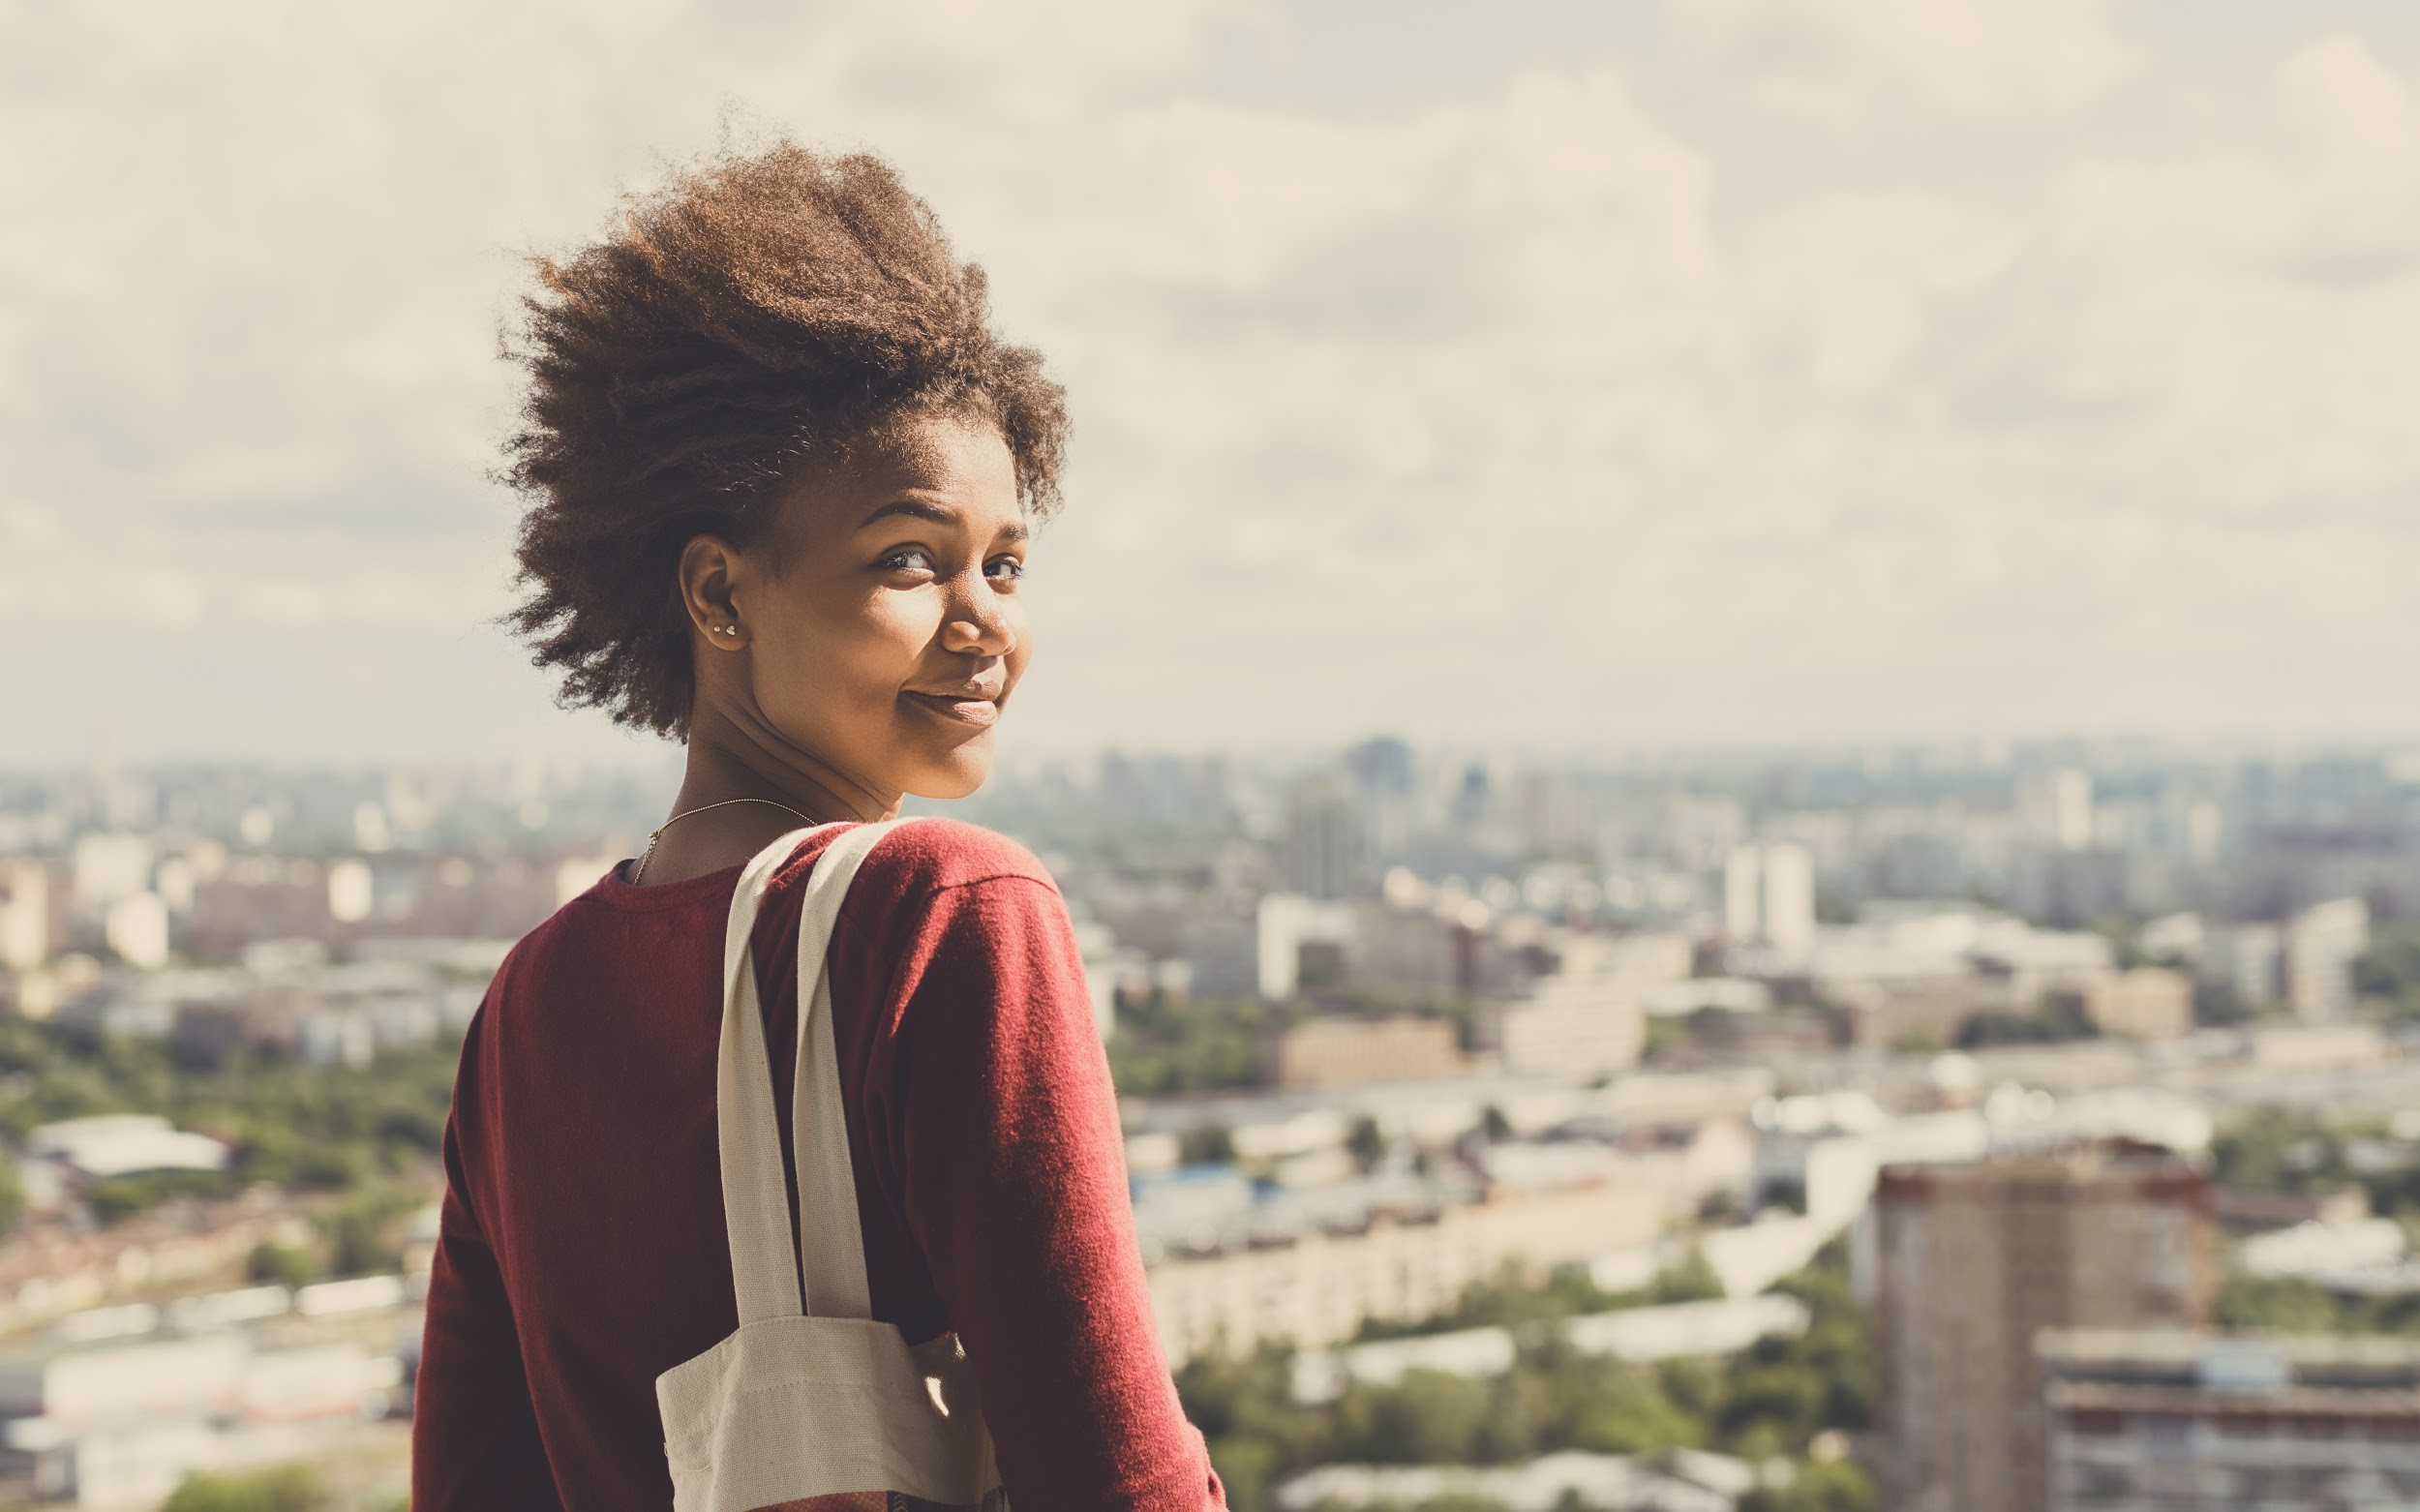 Aparelho reprodutor feminino: você conhece o seu?